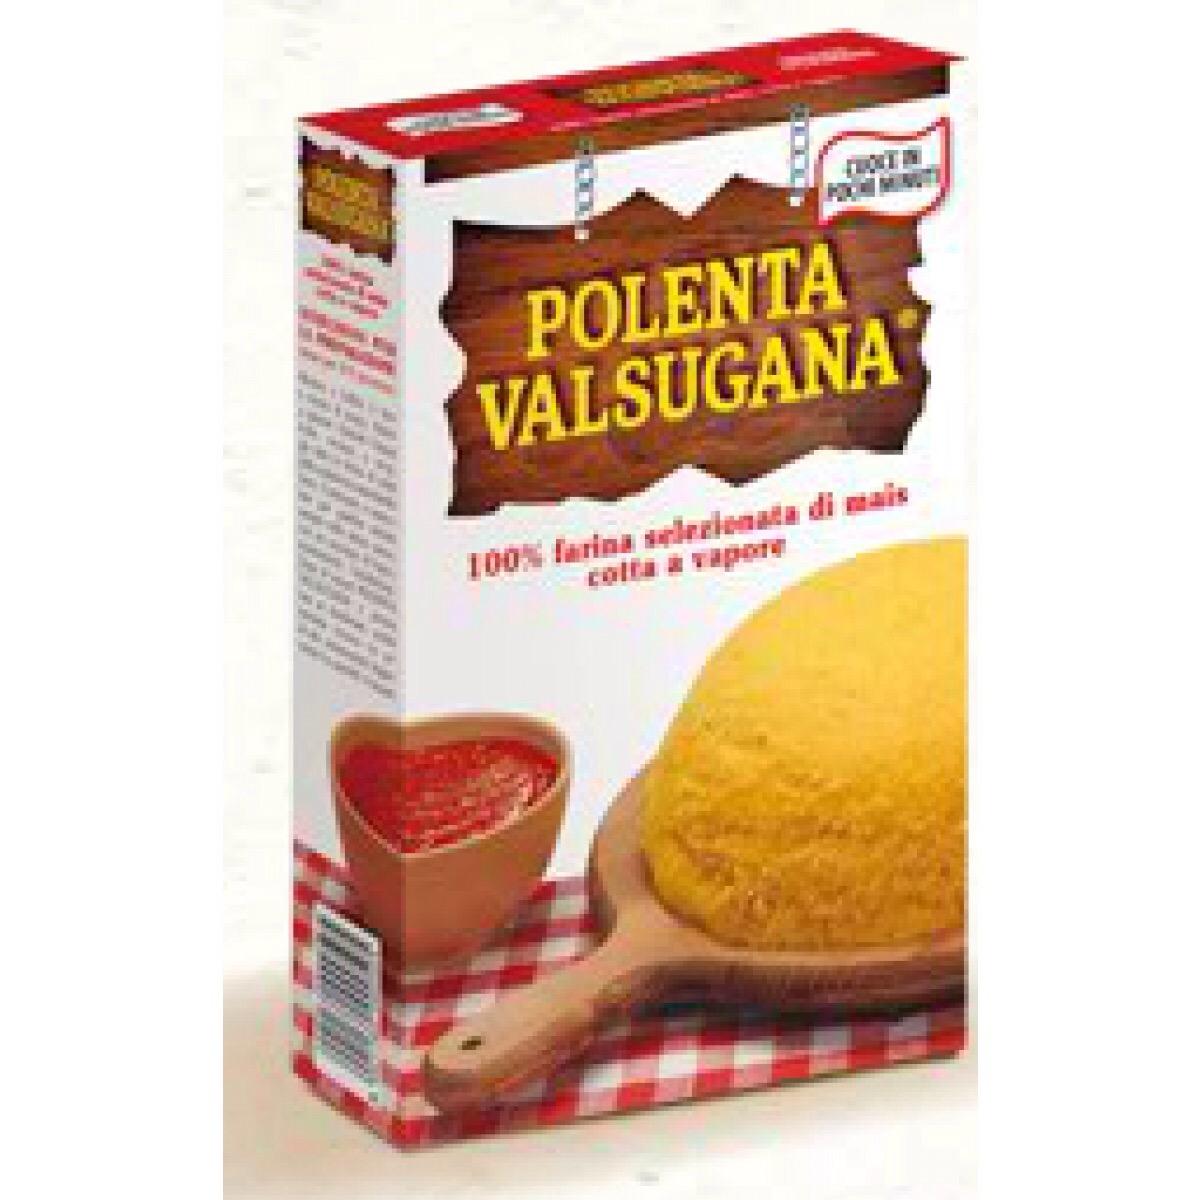 Polenta Valsugana (375 g)